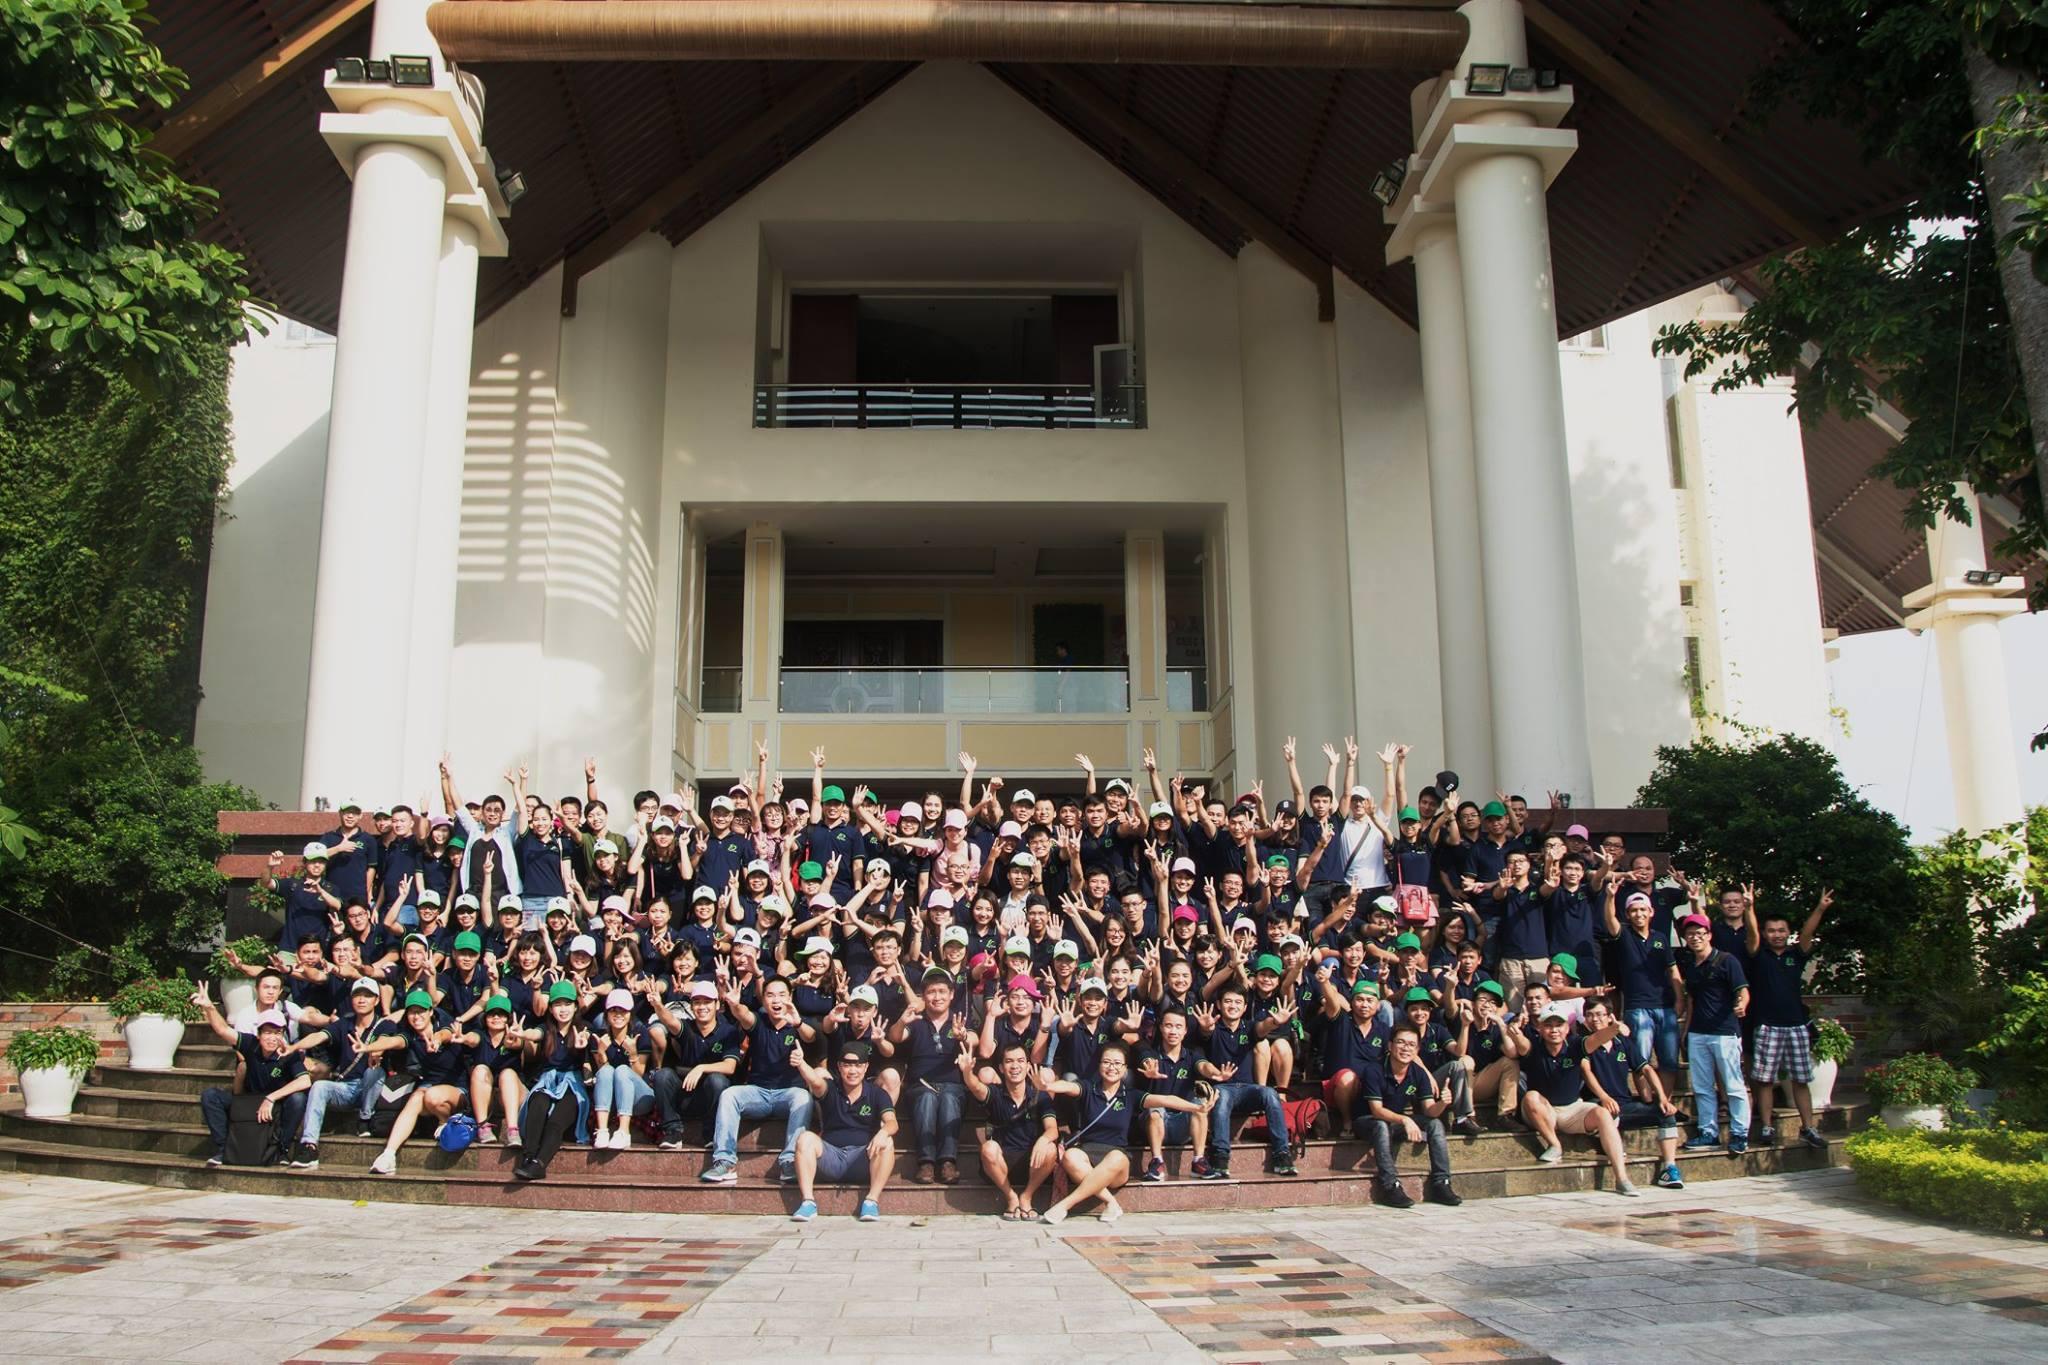 コウェルアジアは2017年10月9日に3周年記念イベントを行いました。